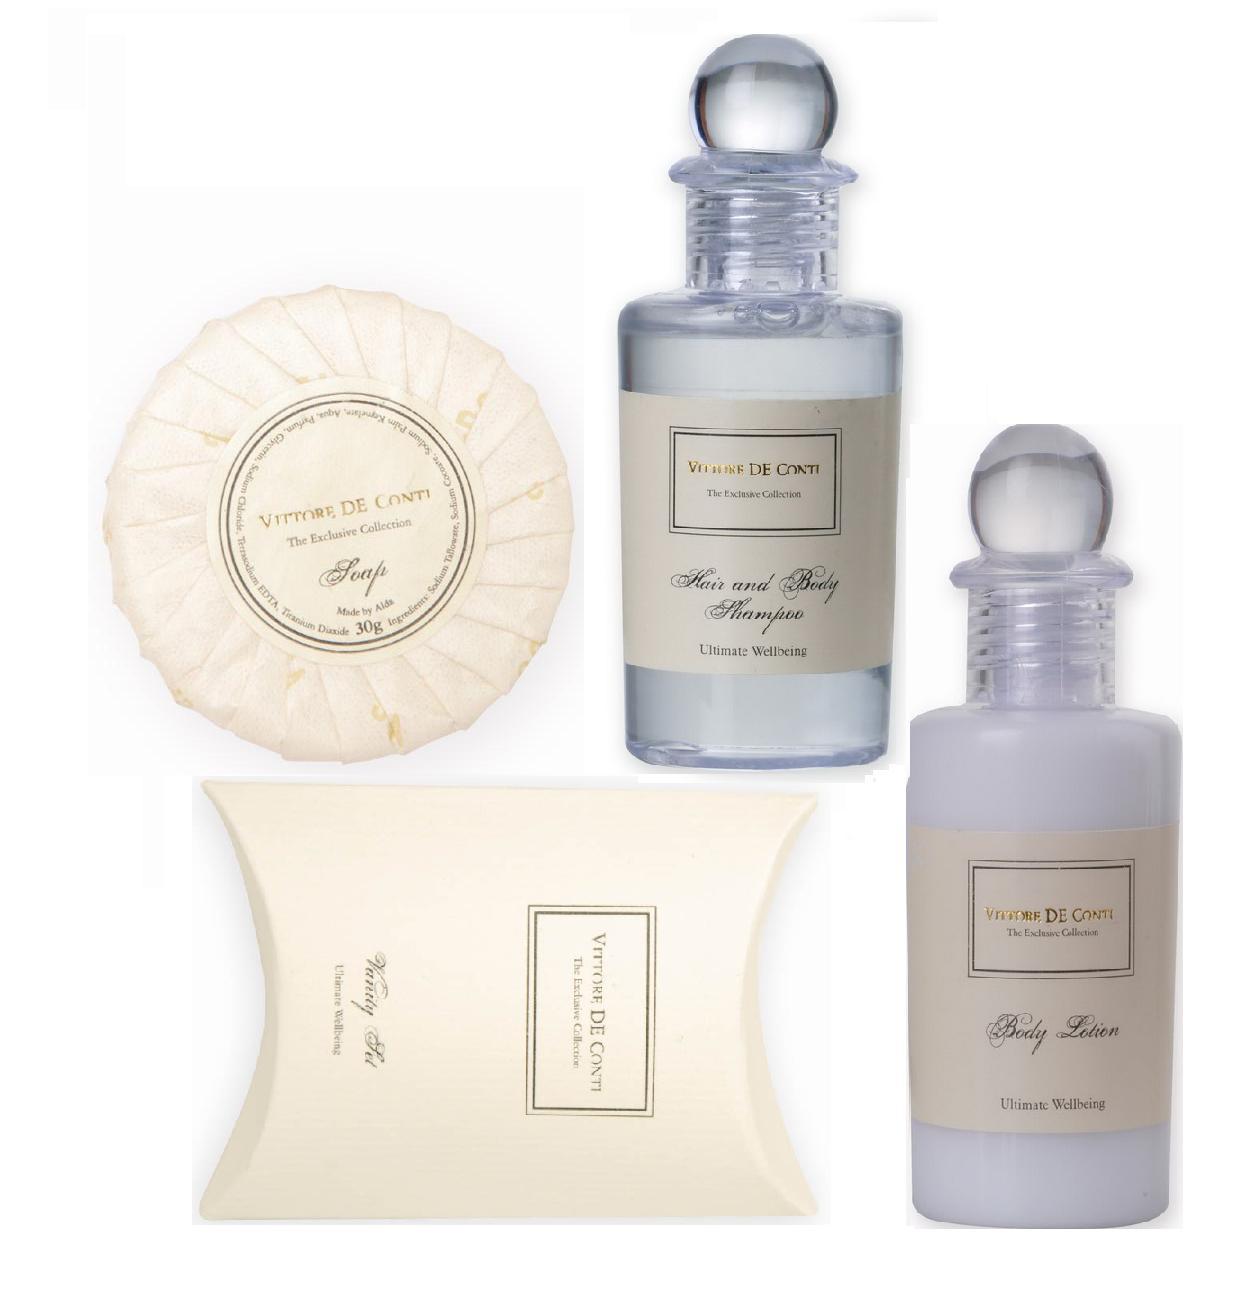 Sestava hotelové kosmetiky - mýdlo 30g + šampon 40 ml + tělové mléko 40 ml + hygienický set, 250 ks